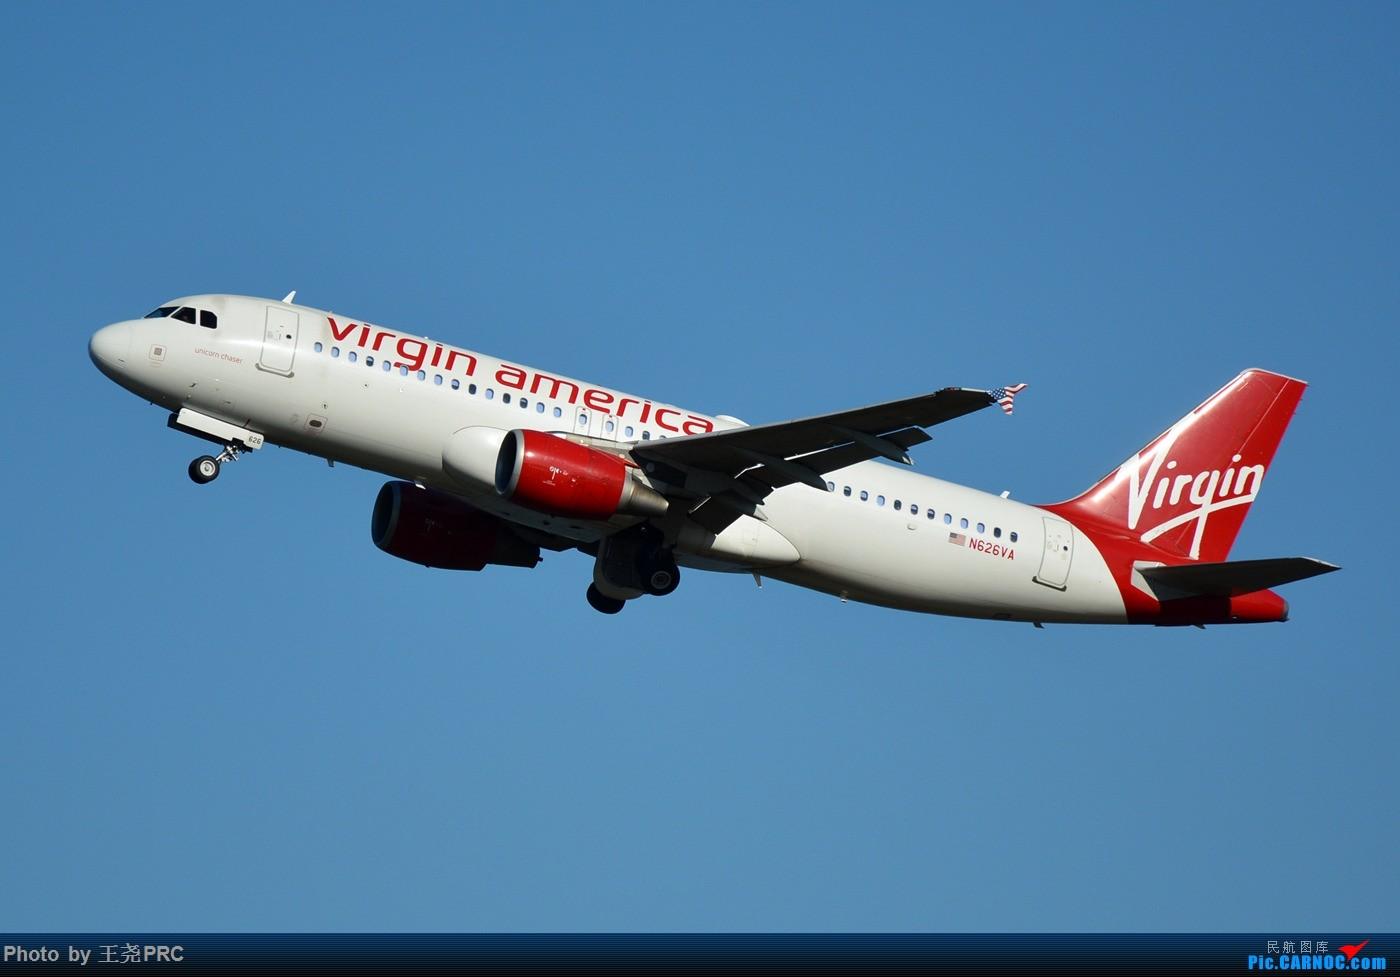 Re:[原创]DCA拍机:蓝天下的华盛顿里根机场 A320 N626VA 华盛顿里根机场